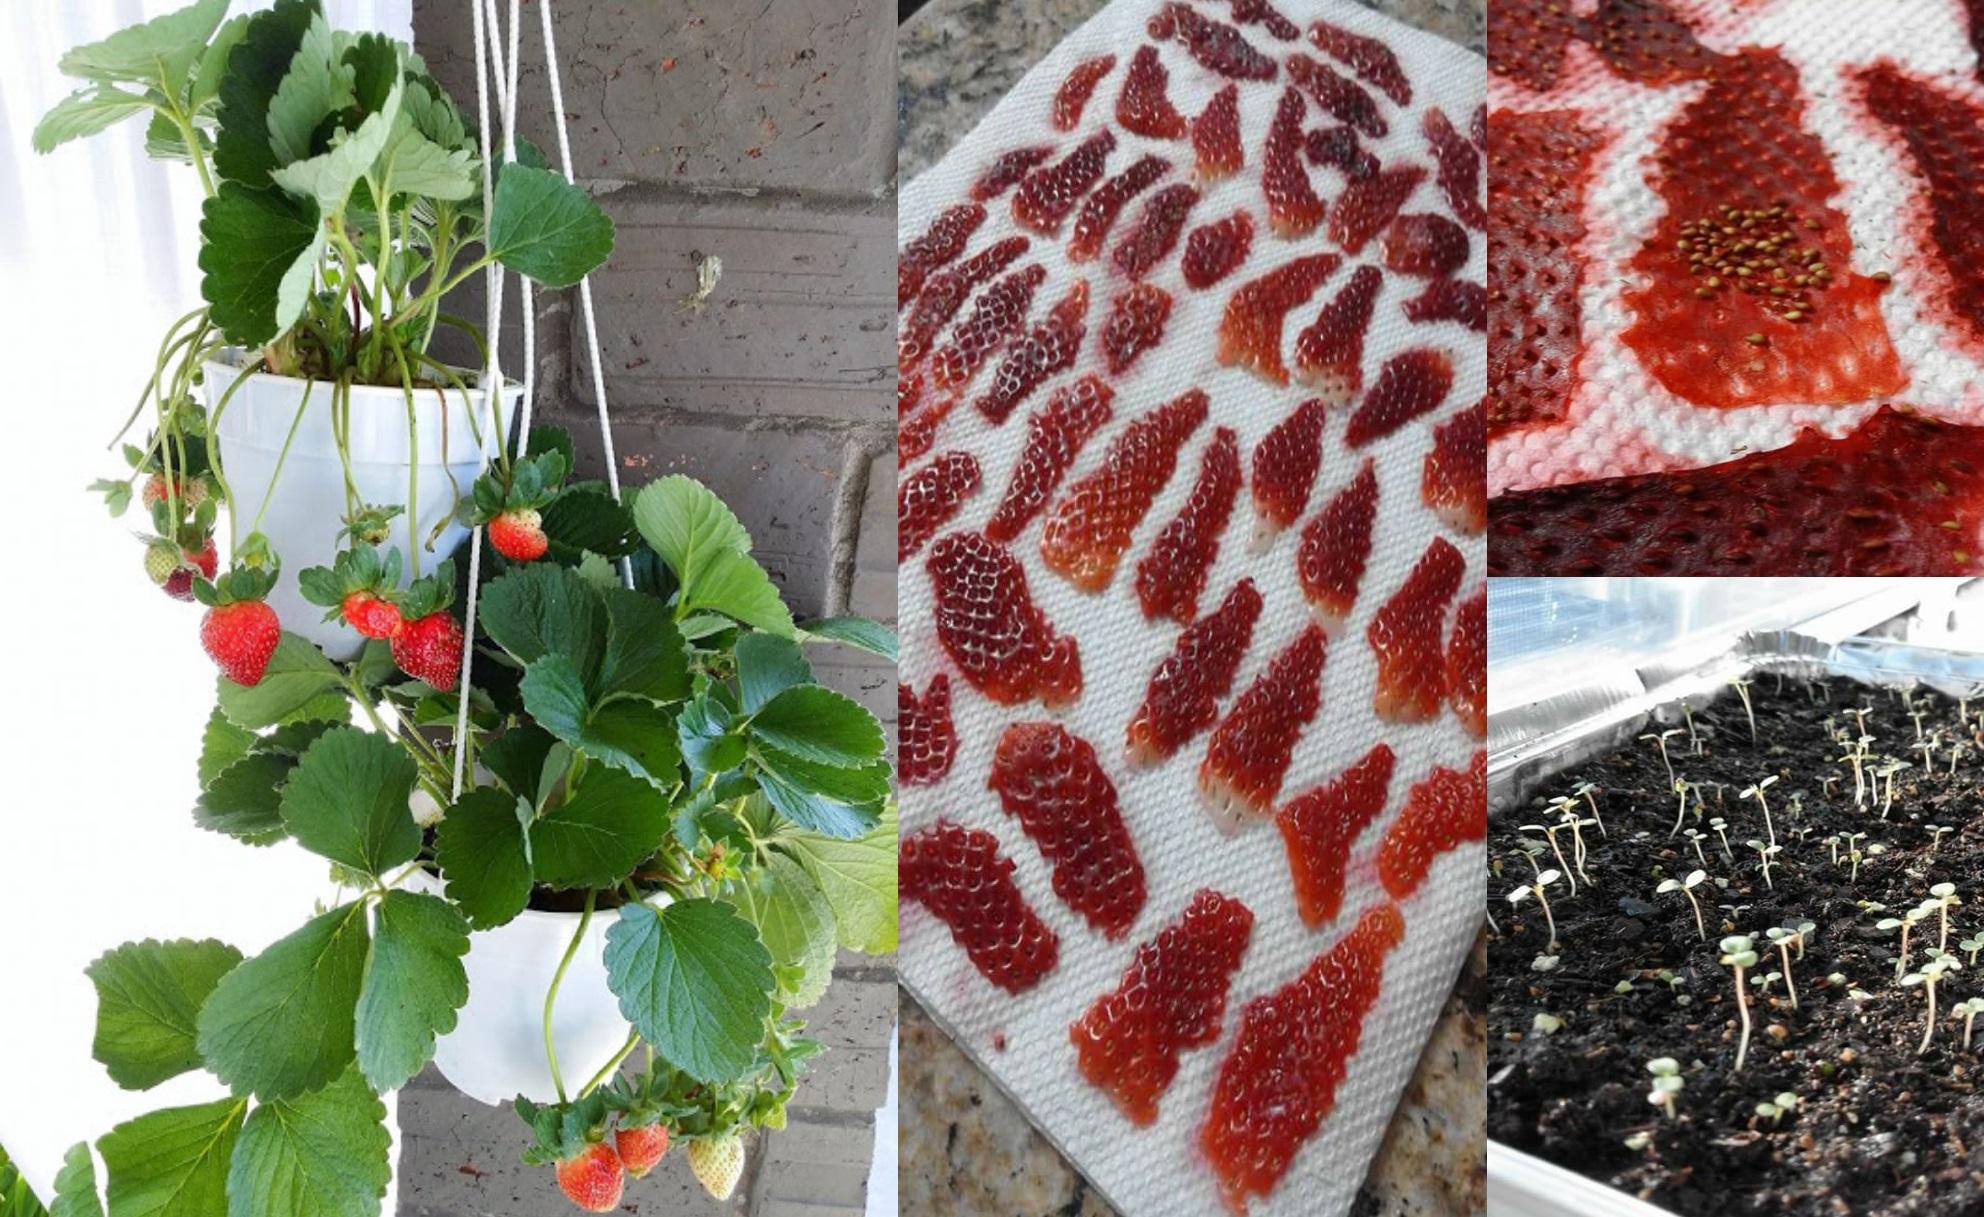 Cara menanam strawberry agar cepat berbuah di rumah